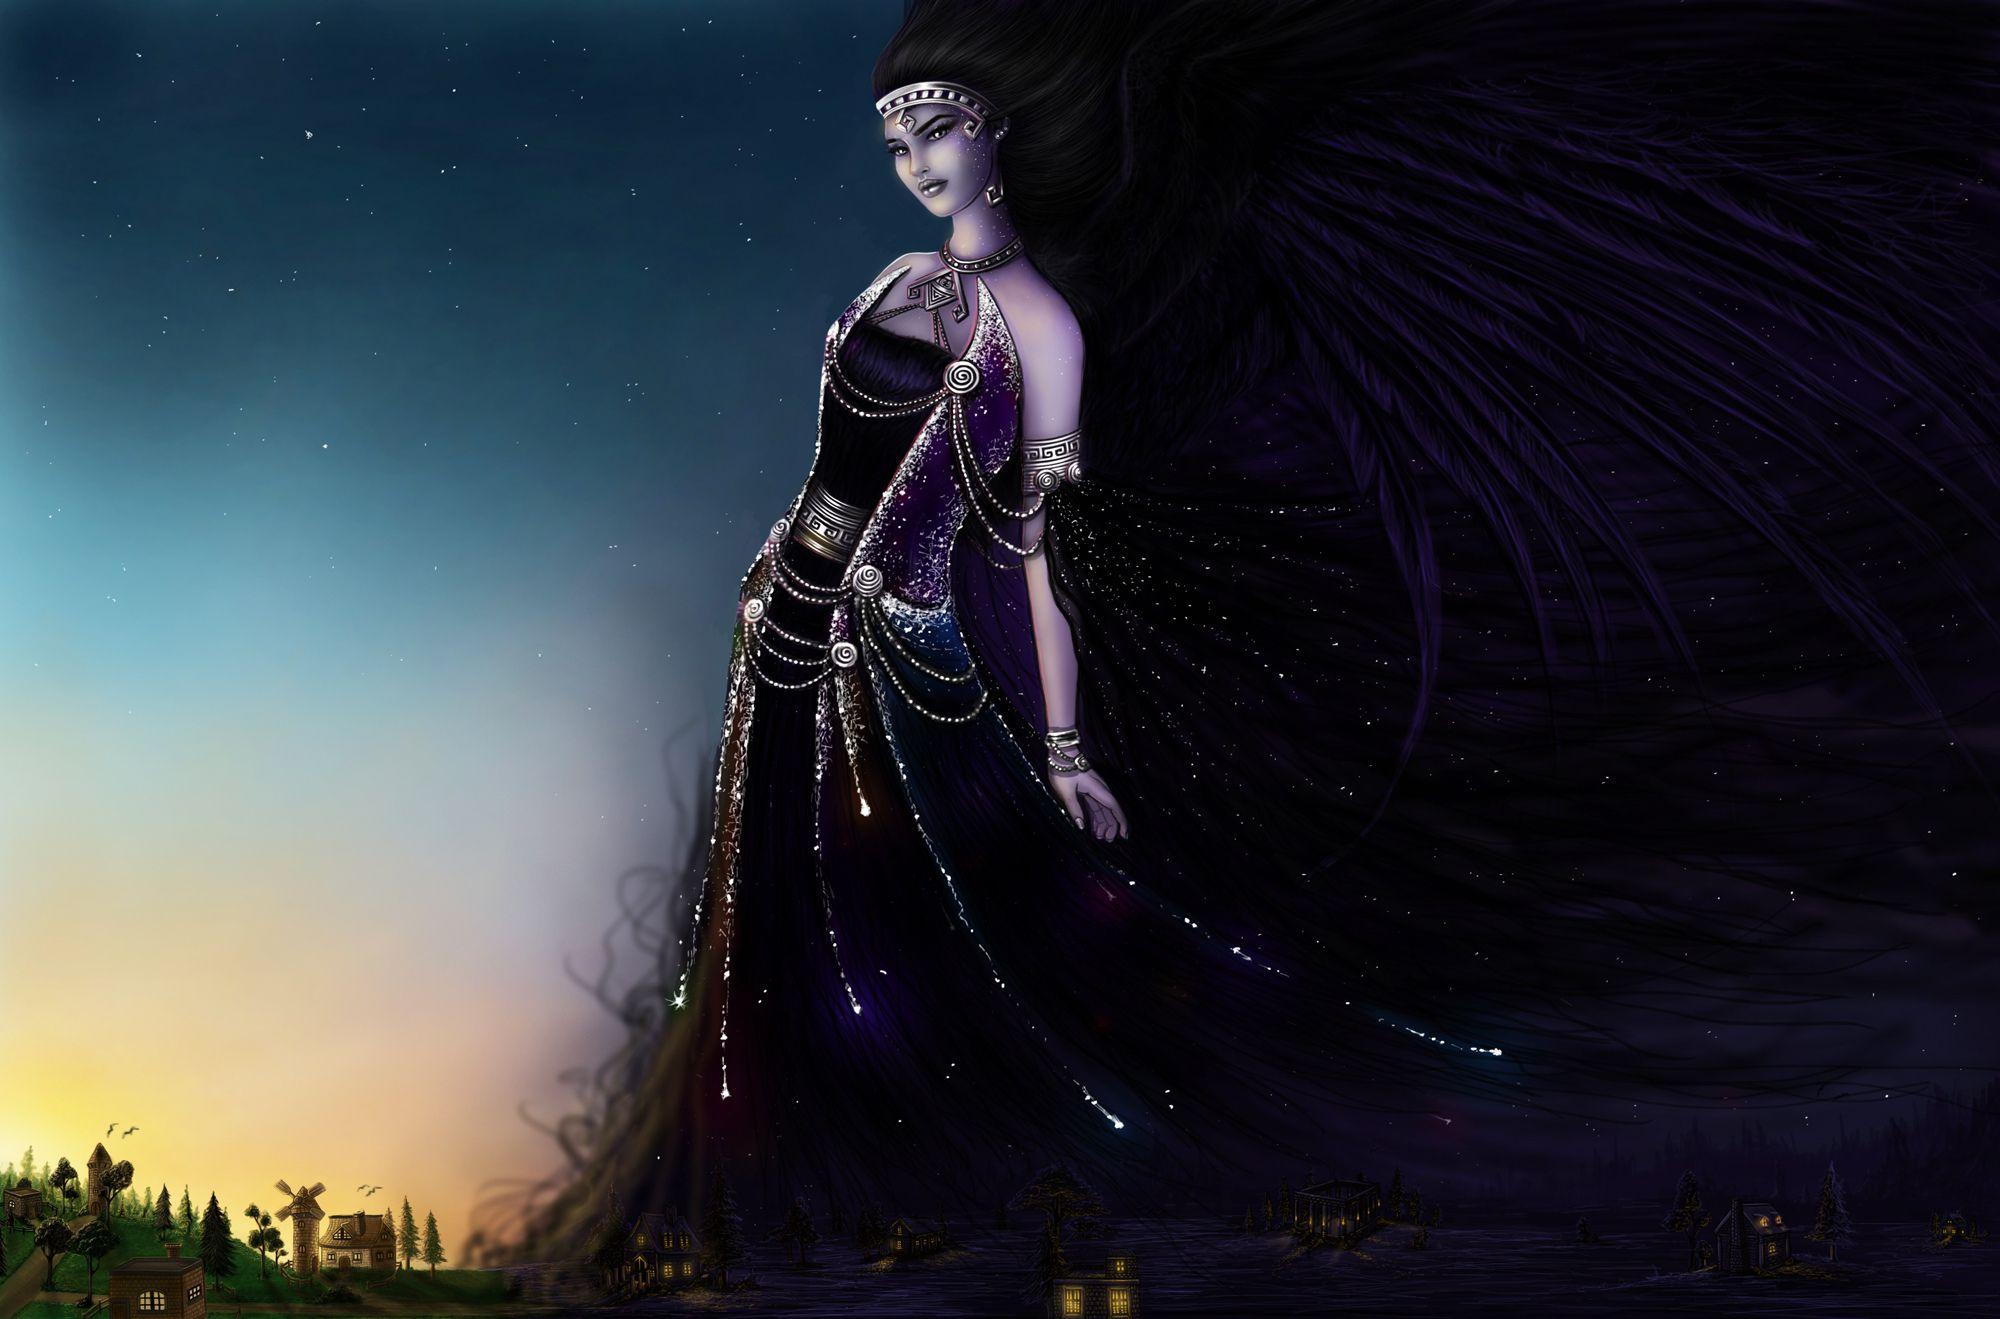 Fantasy women greek goddess nyx night wallpaper emanuella kozas fantasy women greek goddess nyx night wallpaper emanuella kozas deviant art biocorpaavc